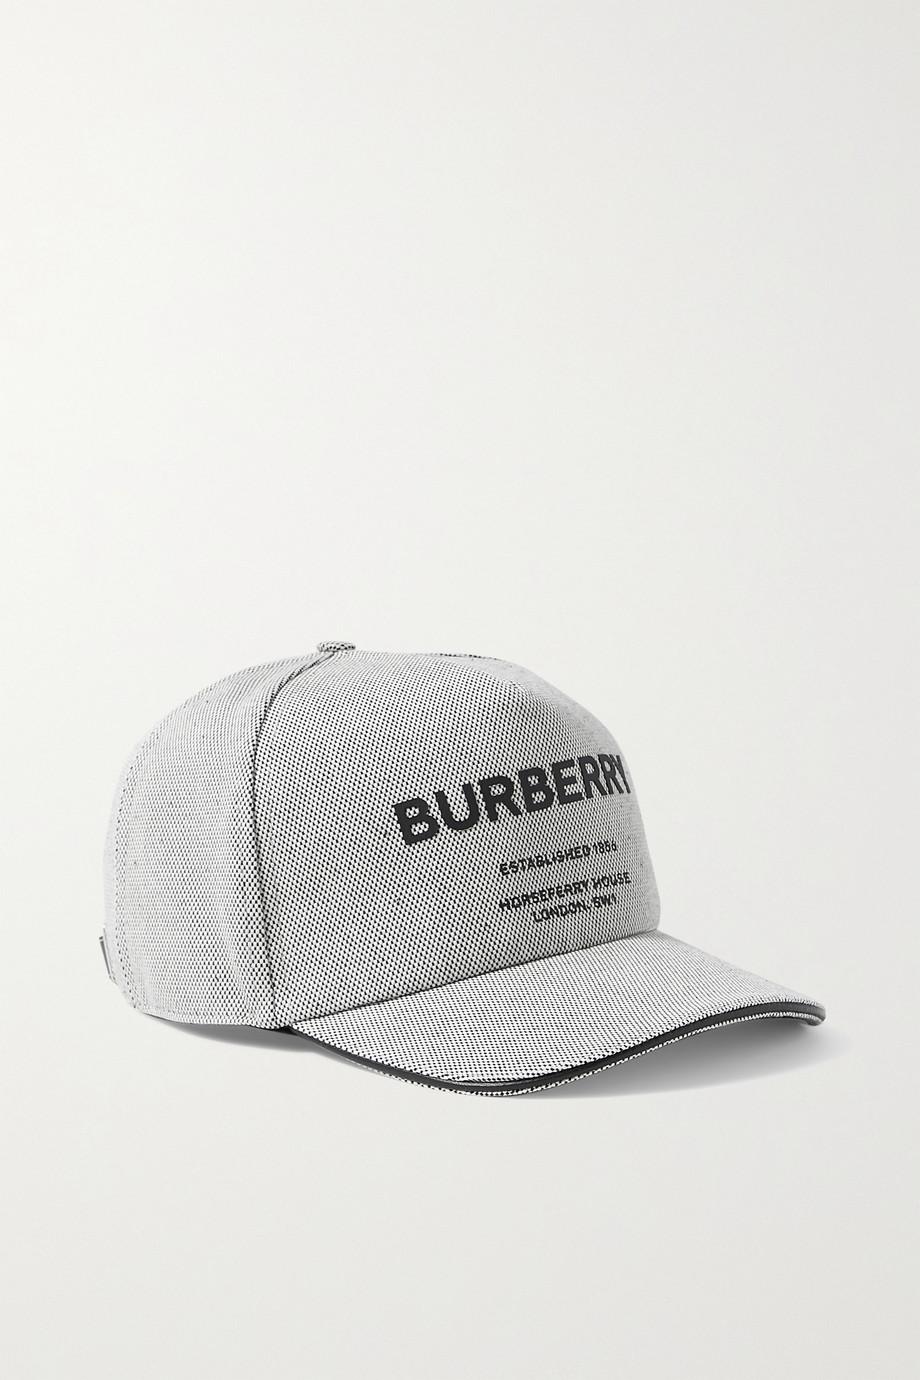 Burberry Leather-trimmed appliquéd cotton-canvas baseball cap